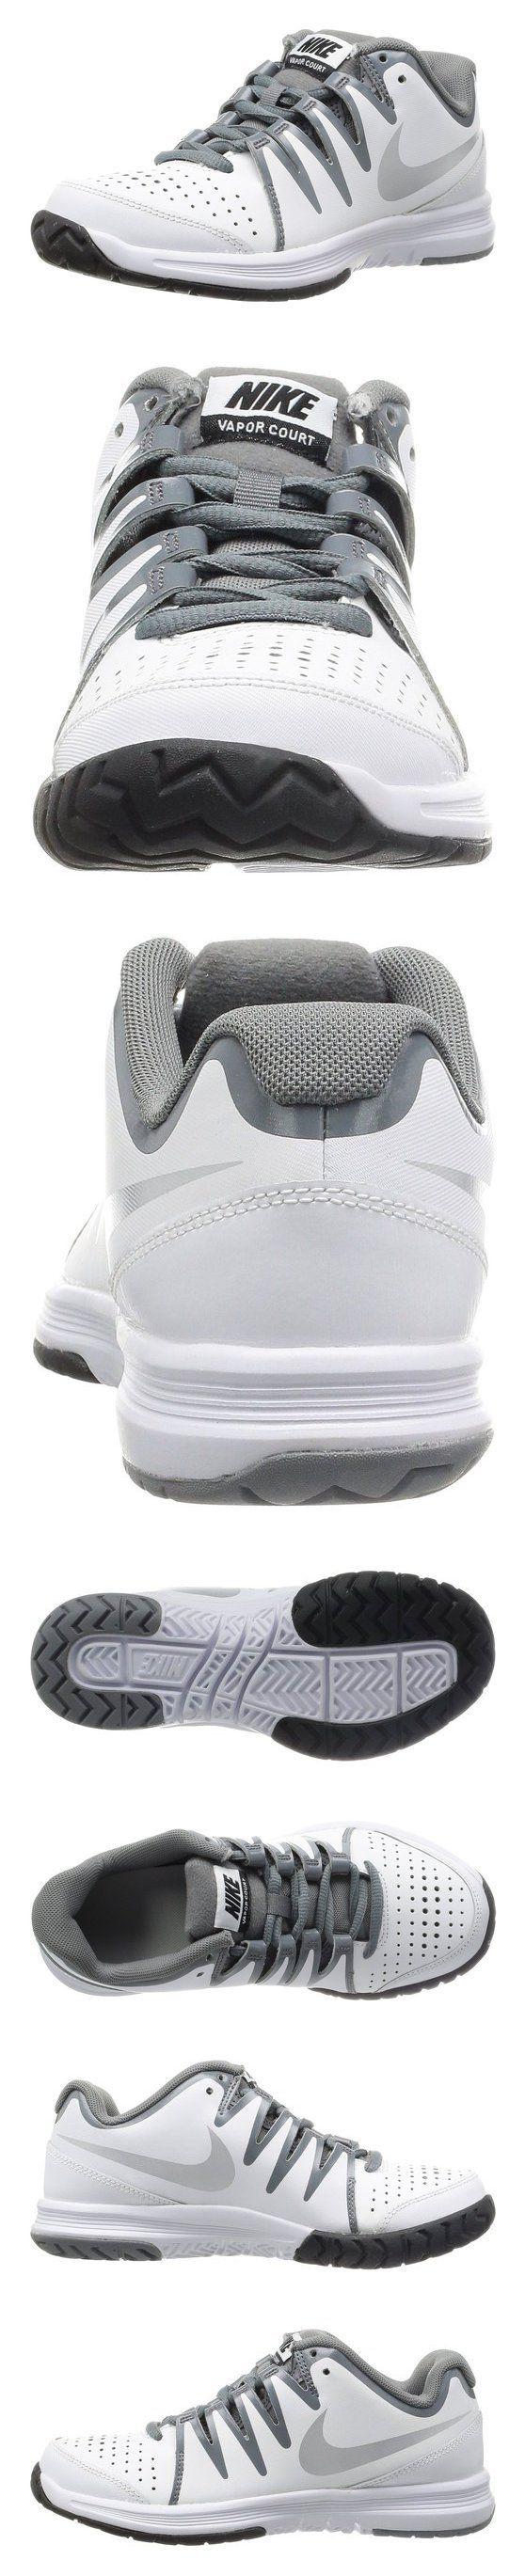 $60 - Nike Women's Vapor Court White/Metallic Silver/Cl Grey Tennis Shoe 8 Women US #shoes #nike #2014